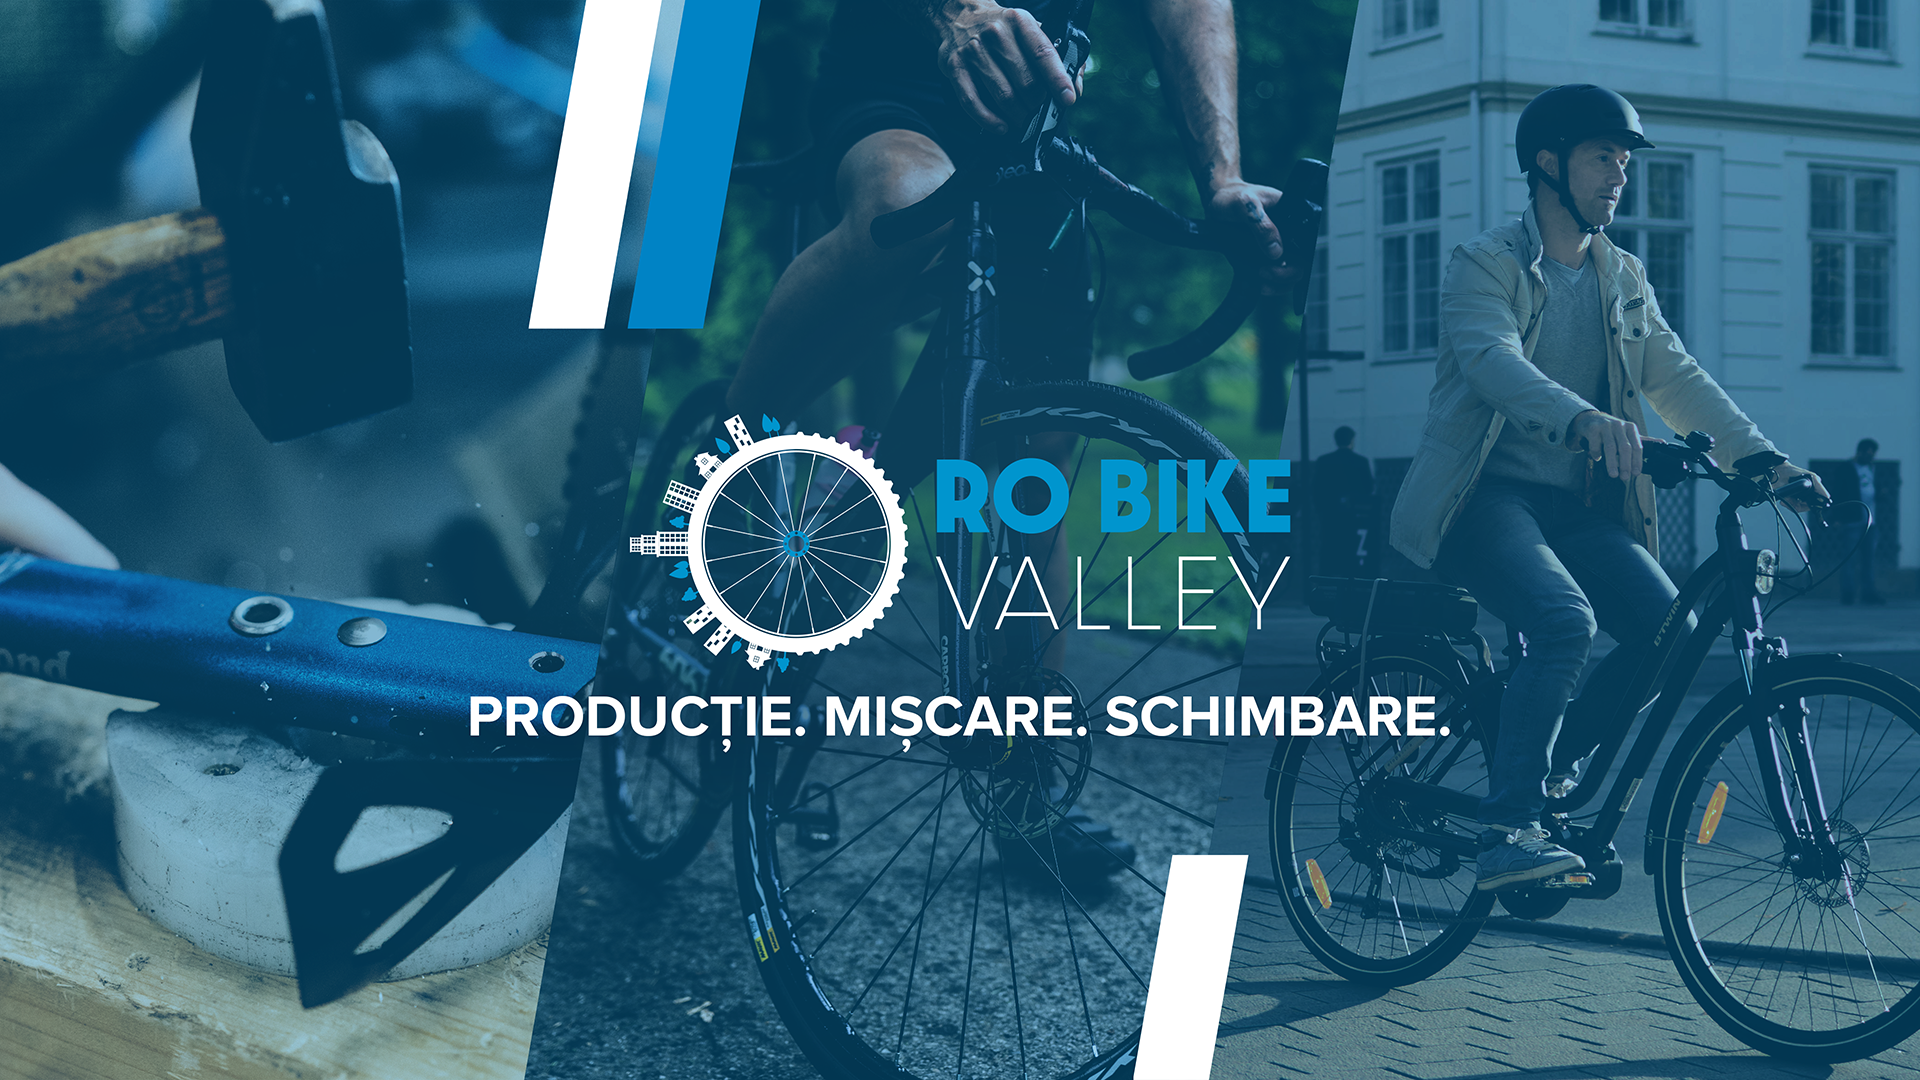 Decathlon România lansează un program unic în industria ciclismului: RO Bike Valley -  mișcarea României către economia circulară, mobilitate, comunități active și stil de viață sănătos